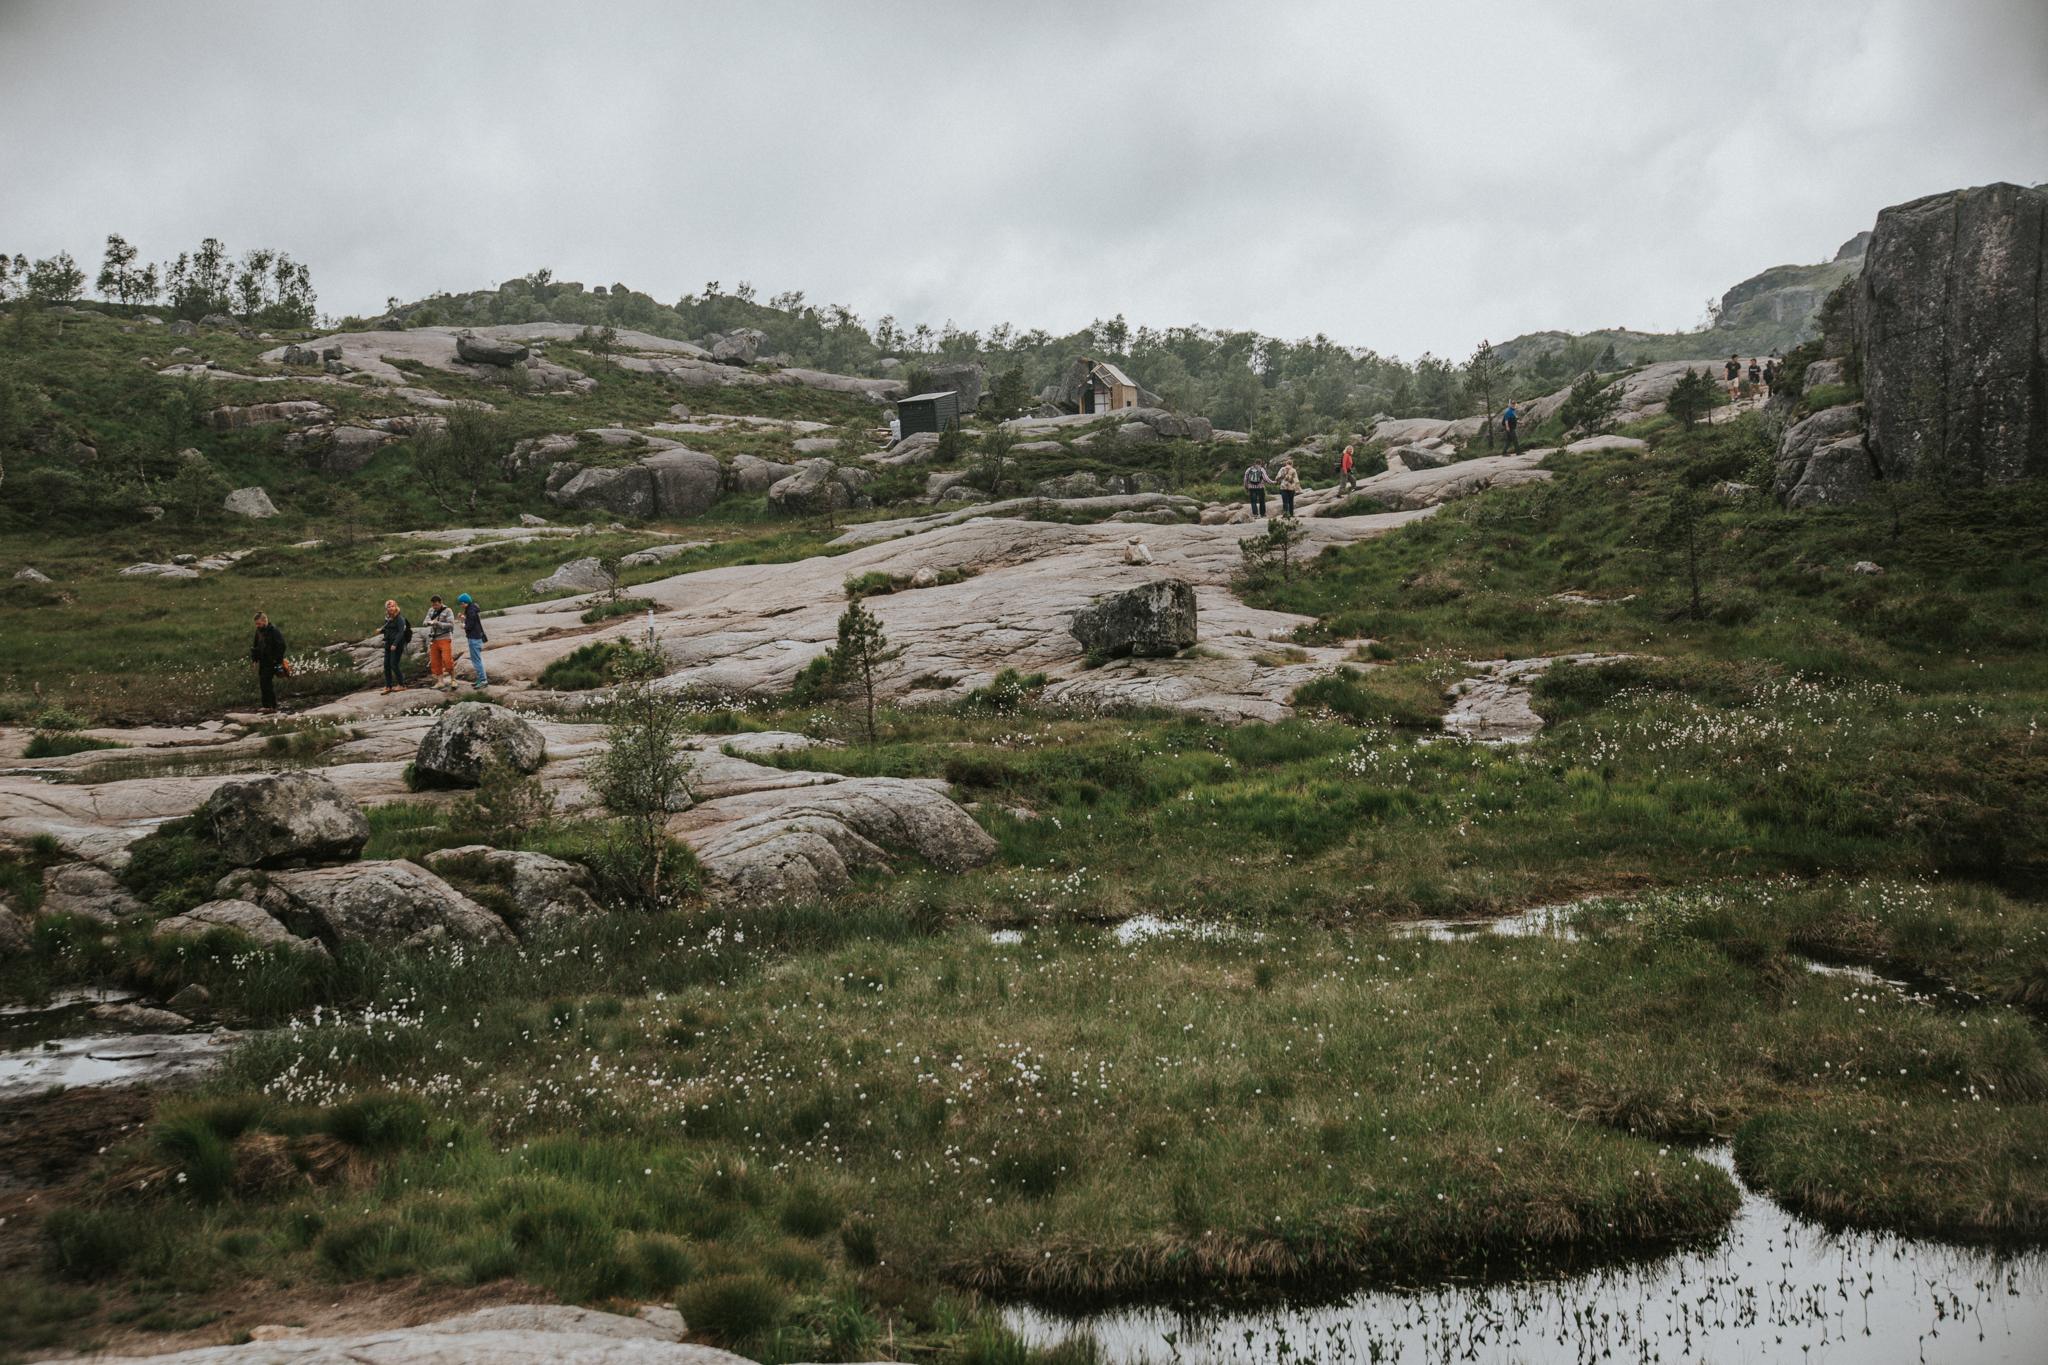 preikestolen-pogoda-trekking-norwegia